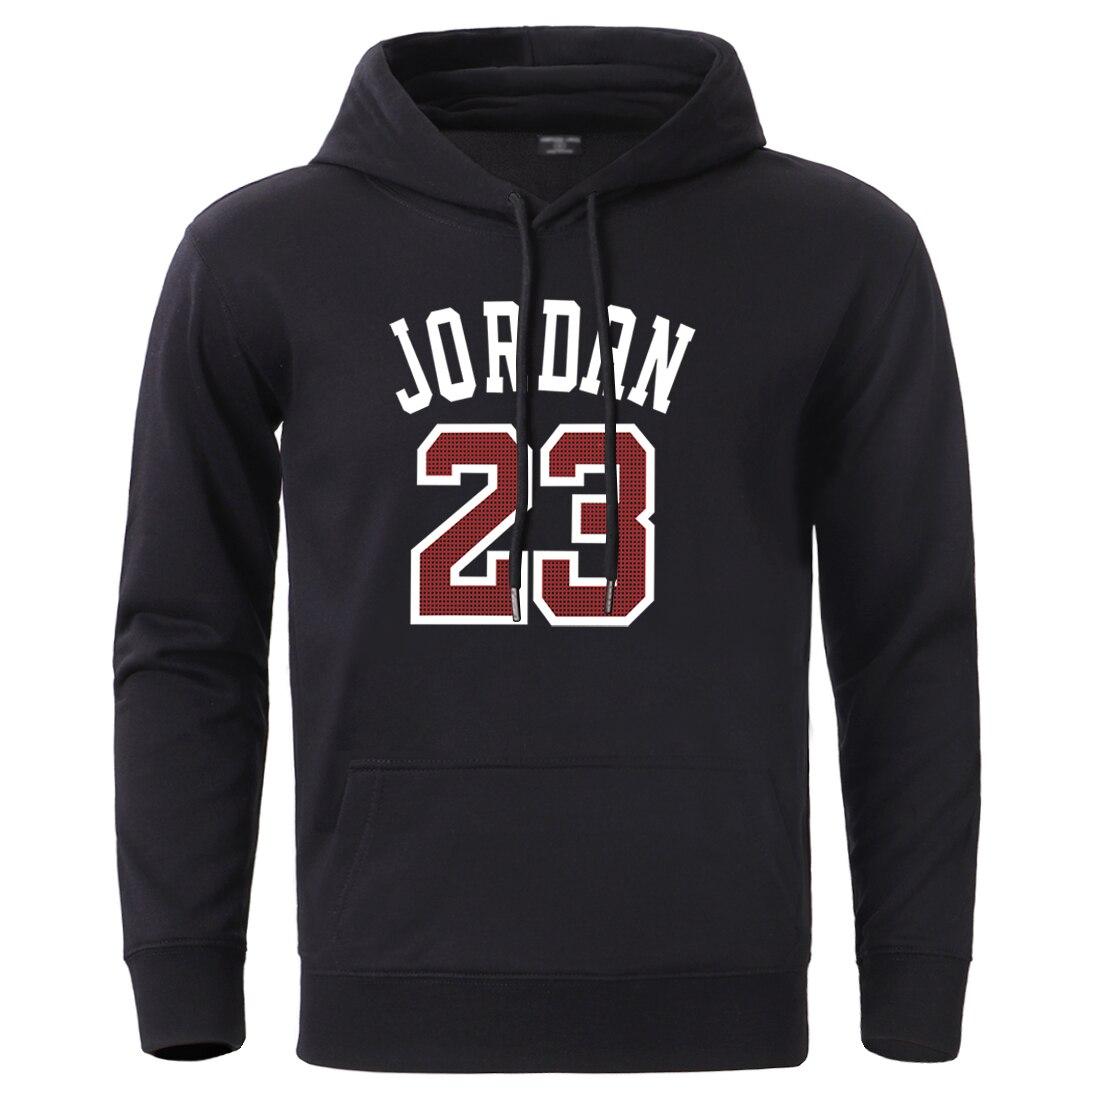 Jordan 23 Streetwear Hoodies Men Winter 2020 Casual Hooded Sweatshirt Sportswear Sleeve Pullovers Male Hip Hop Hooded Tracksuits